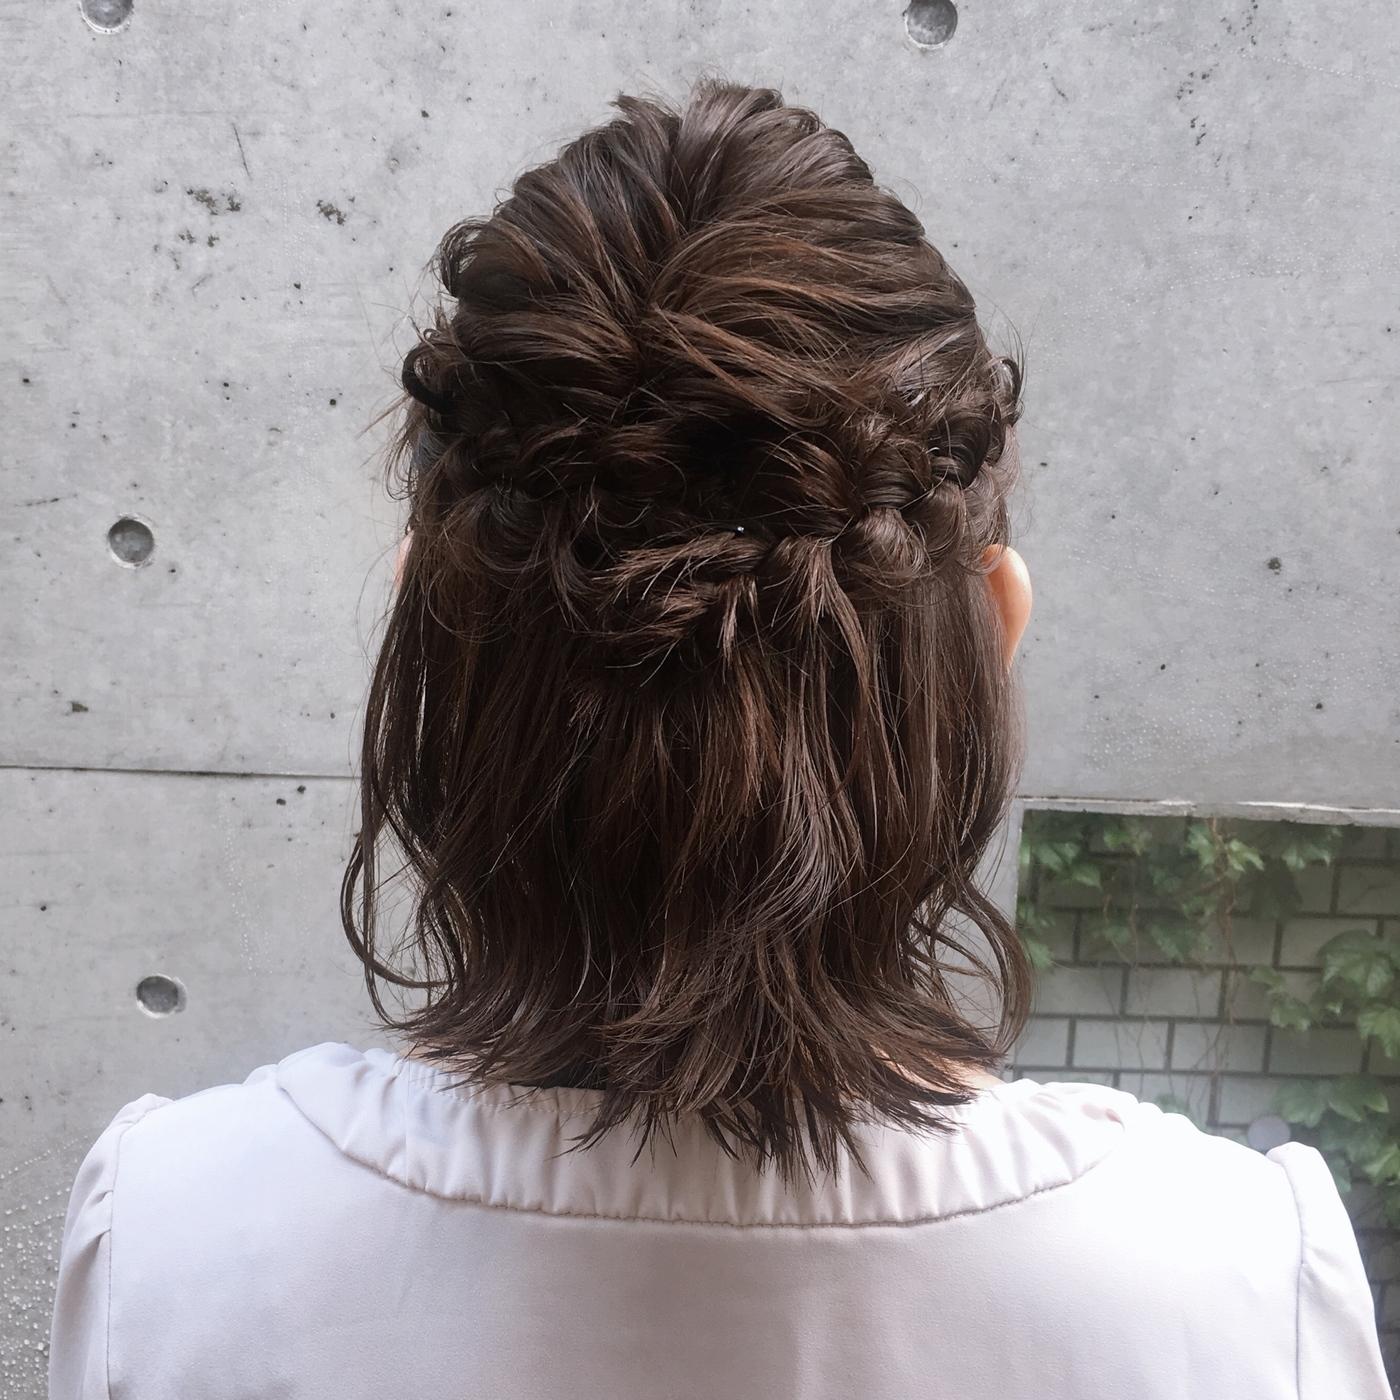 【ショートの結婚式ヘアアレンジ特集】お呼ばれヘアで華やかにセットの11枚目の画像